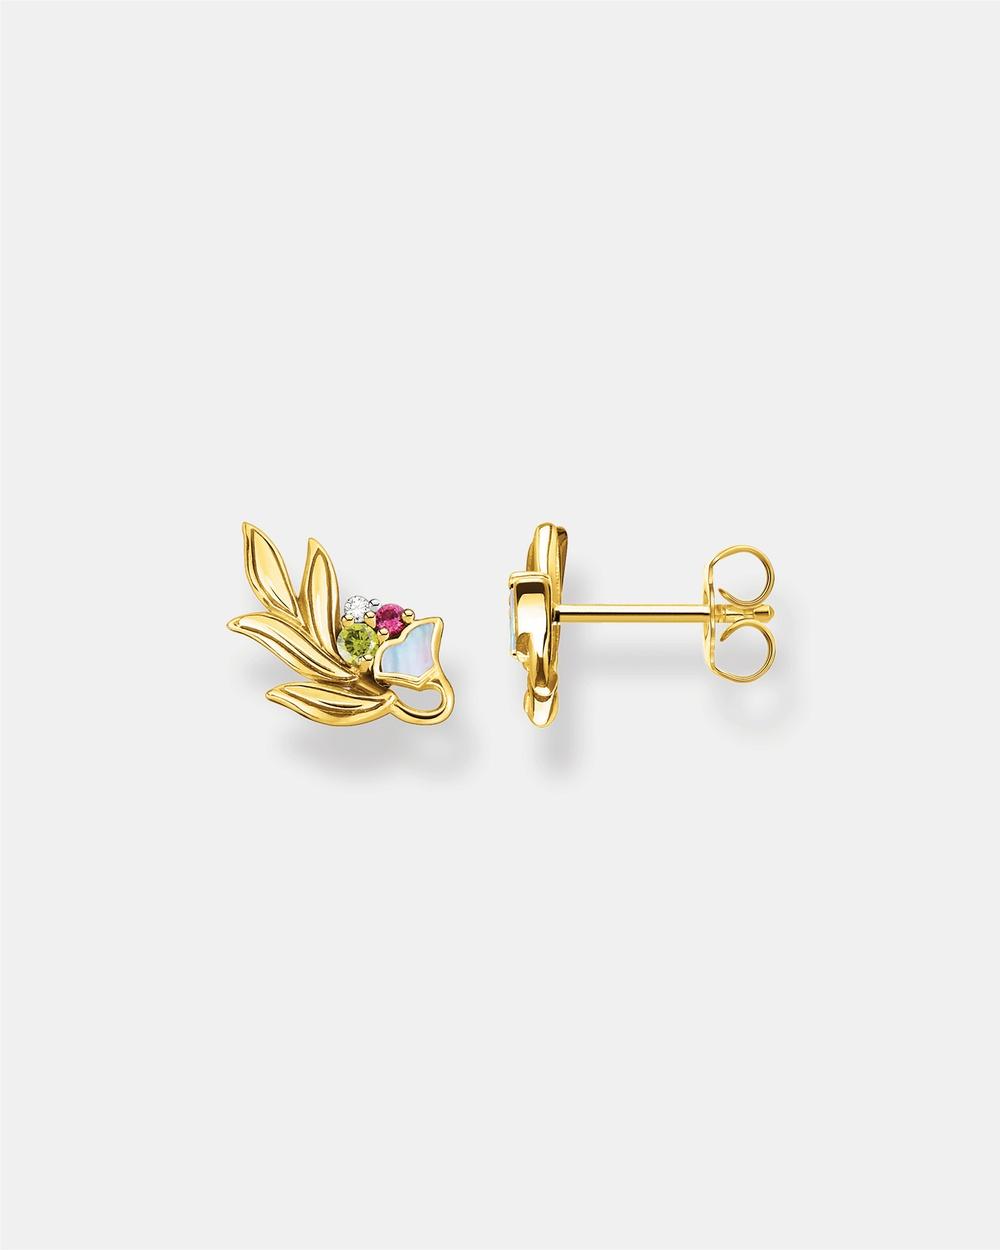 THOMAS SABO Ear Studs Flower Jewellery Multi